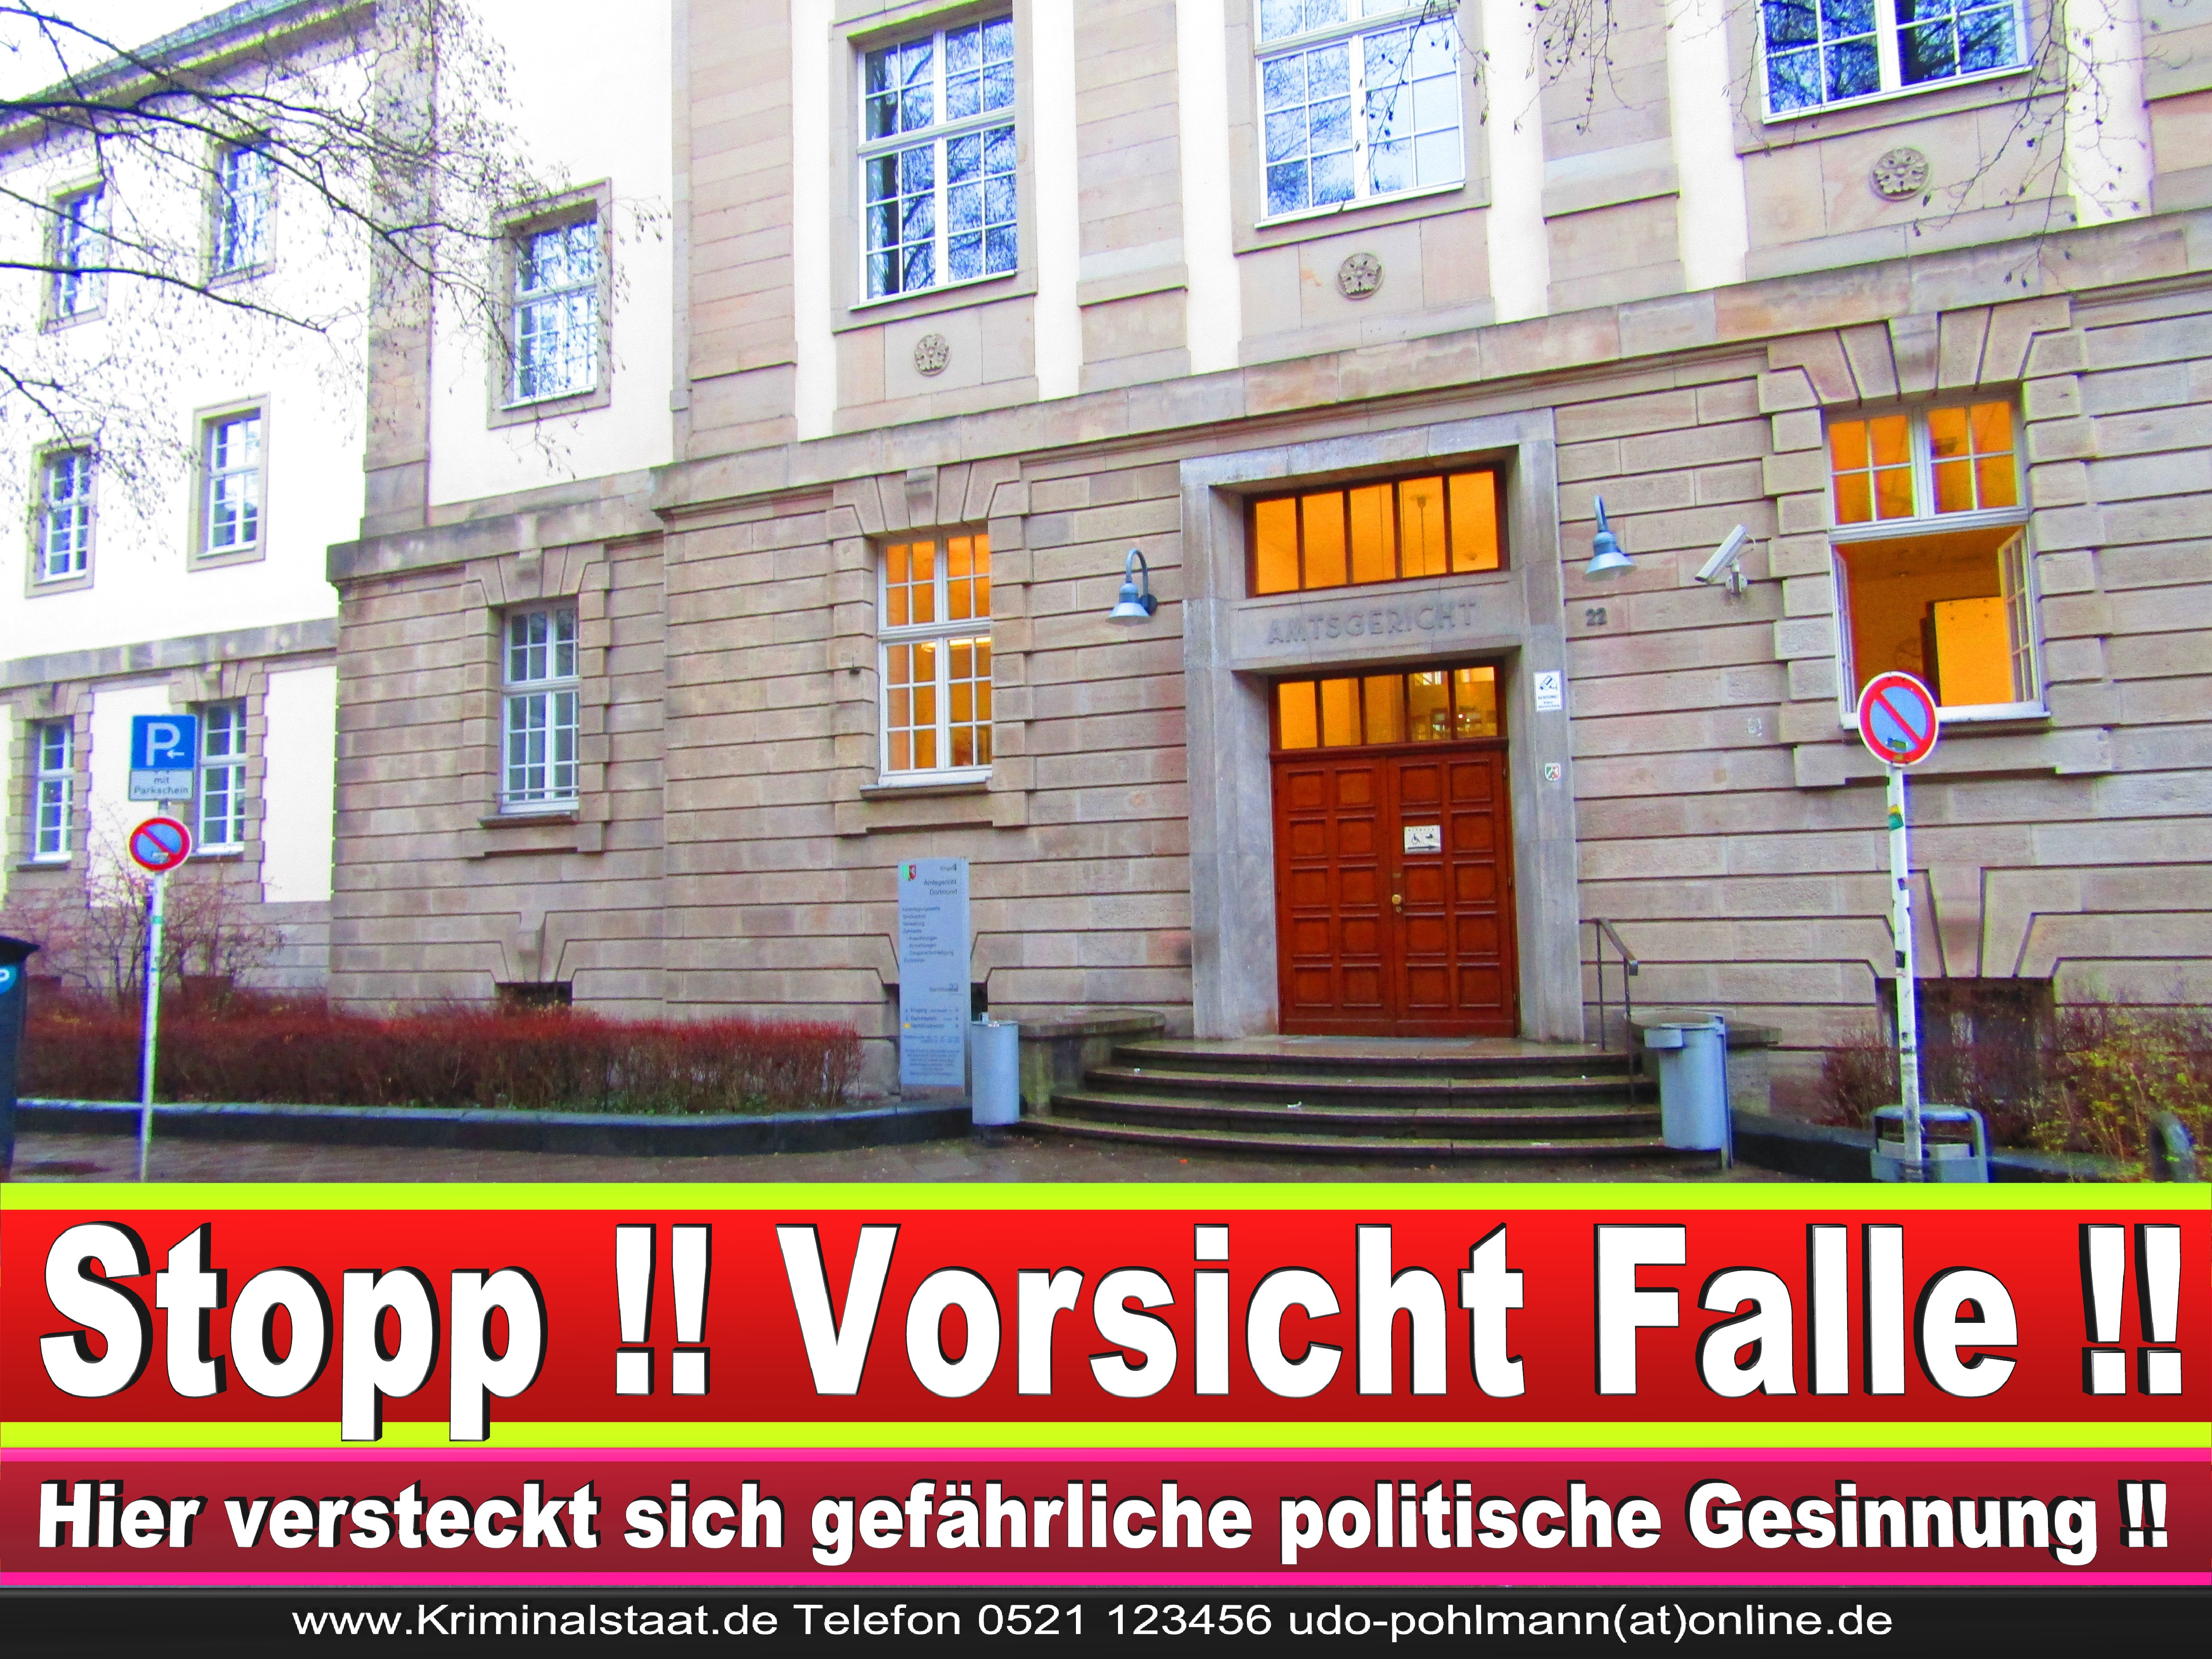 AMTSGERICHT DORTMUND RICHTER AUSBILDUNG PRAKTIKUM ANFAHRT URTEILE KORRUPTION POLIZEI ADRESSE DIREKTOR (8) 2